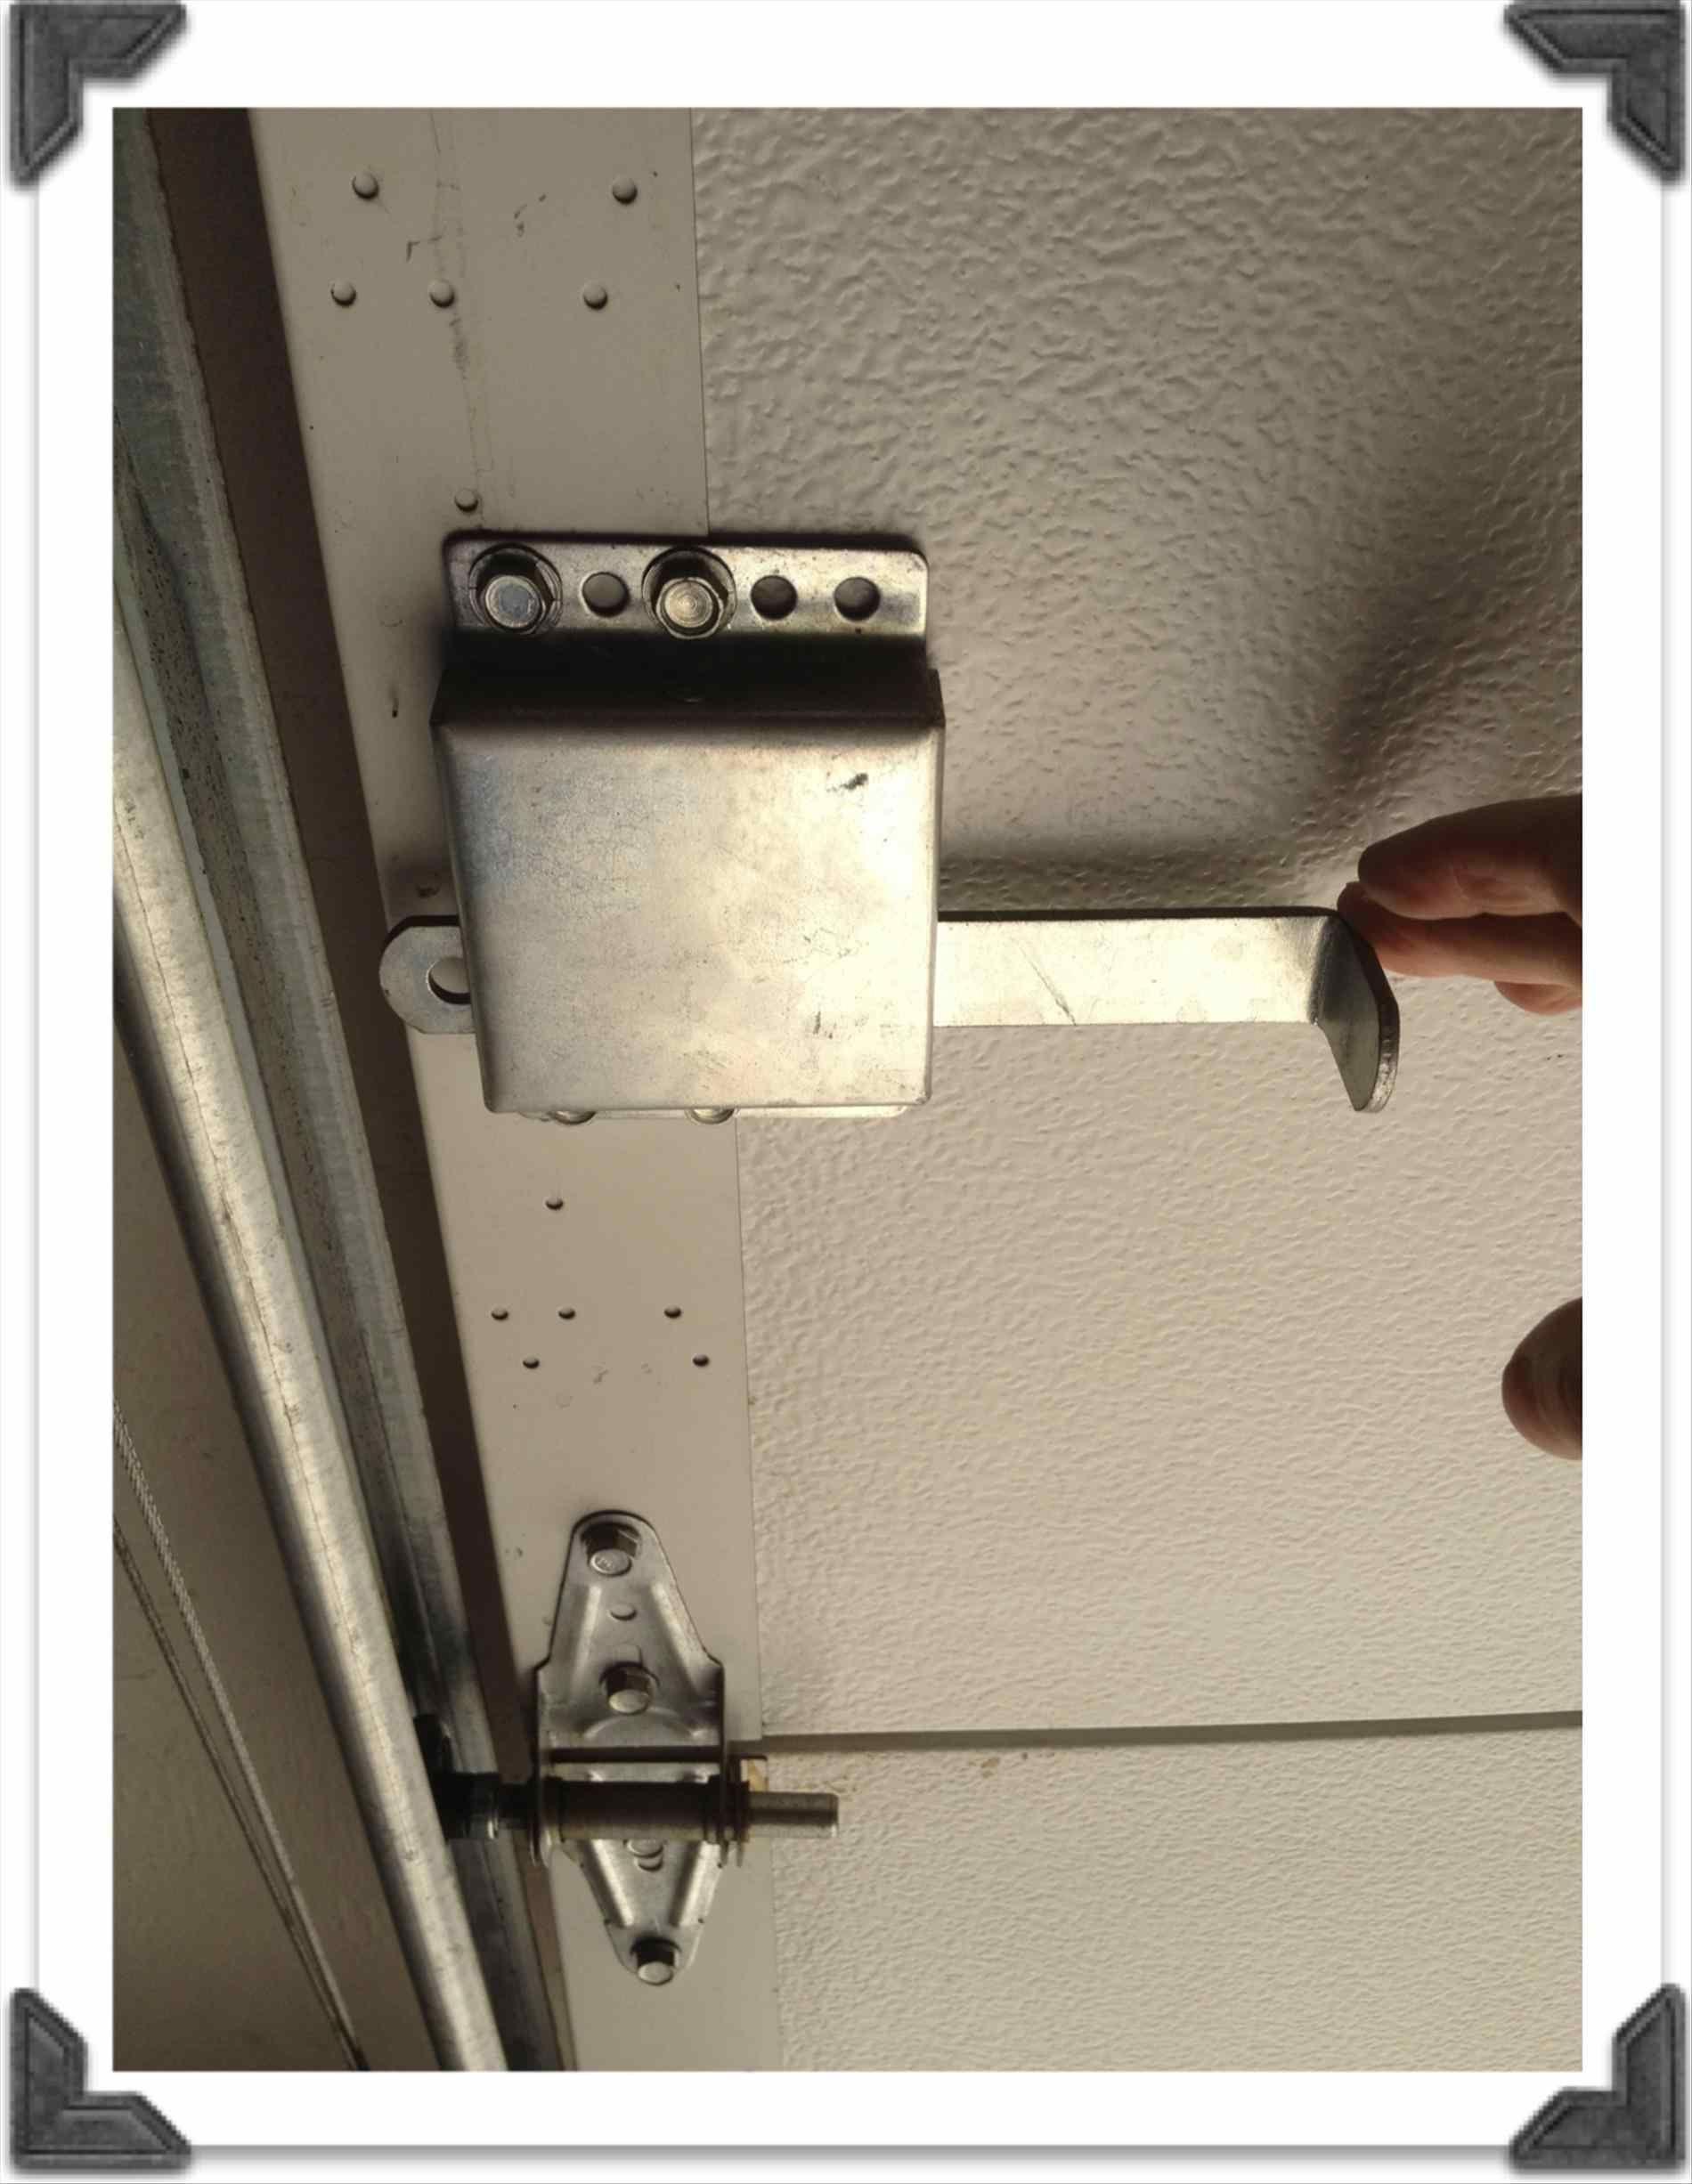 Desembola U Paint How Inside Door Locks To Lock Garage Door From Inside Desembola U Paint Locks Walmartcom D Garage Doors Garage Door Security Garage Door Lock